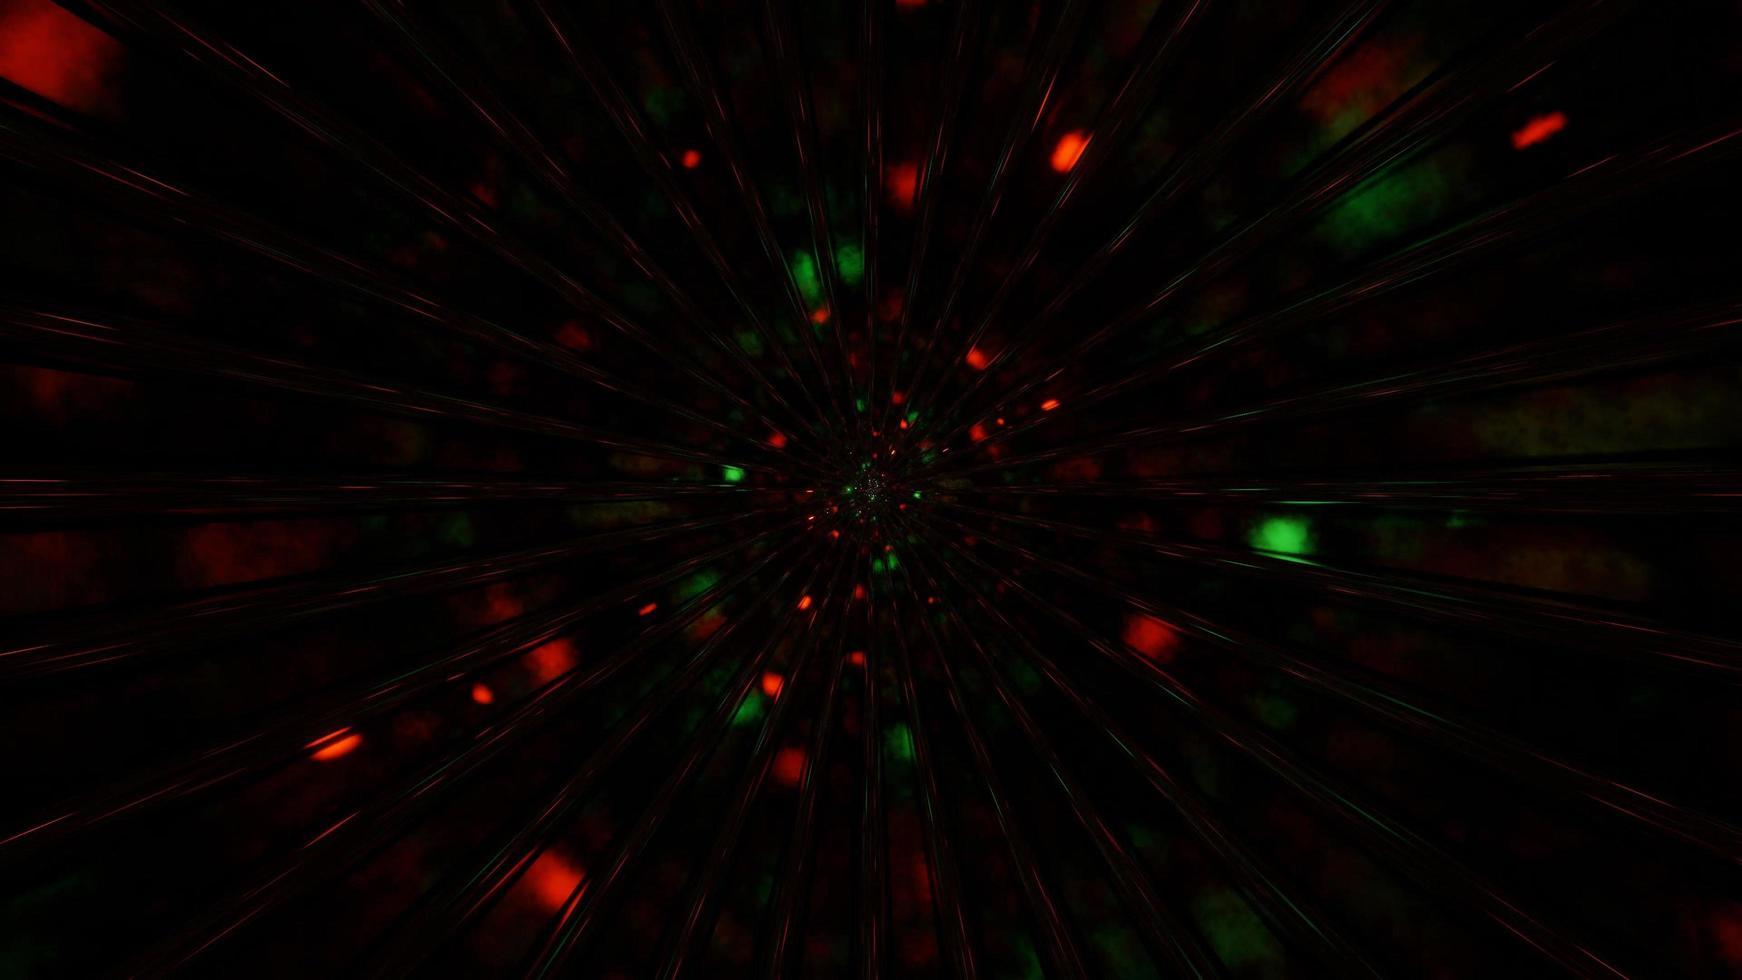 schnelle Raumteilchen, die durch ein Hintergrundbild der 3D-Illustration fliegen foto